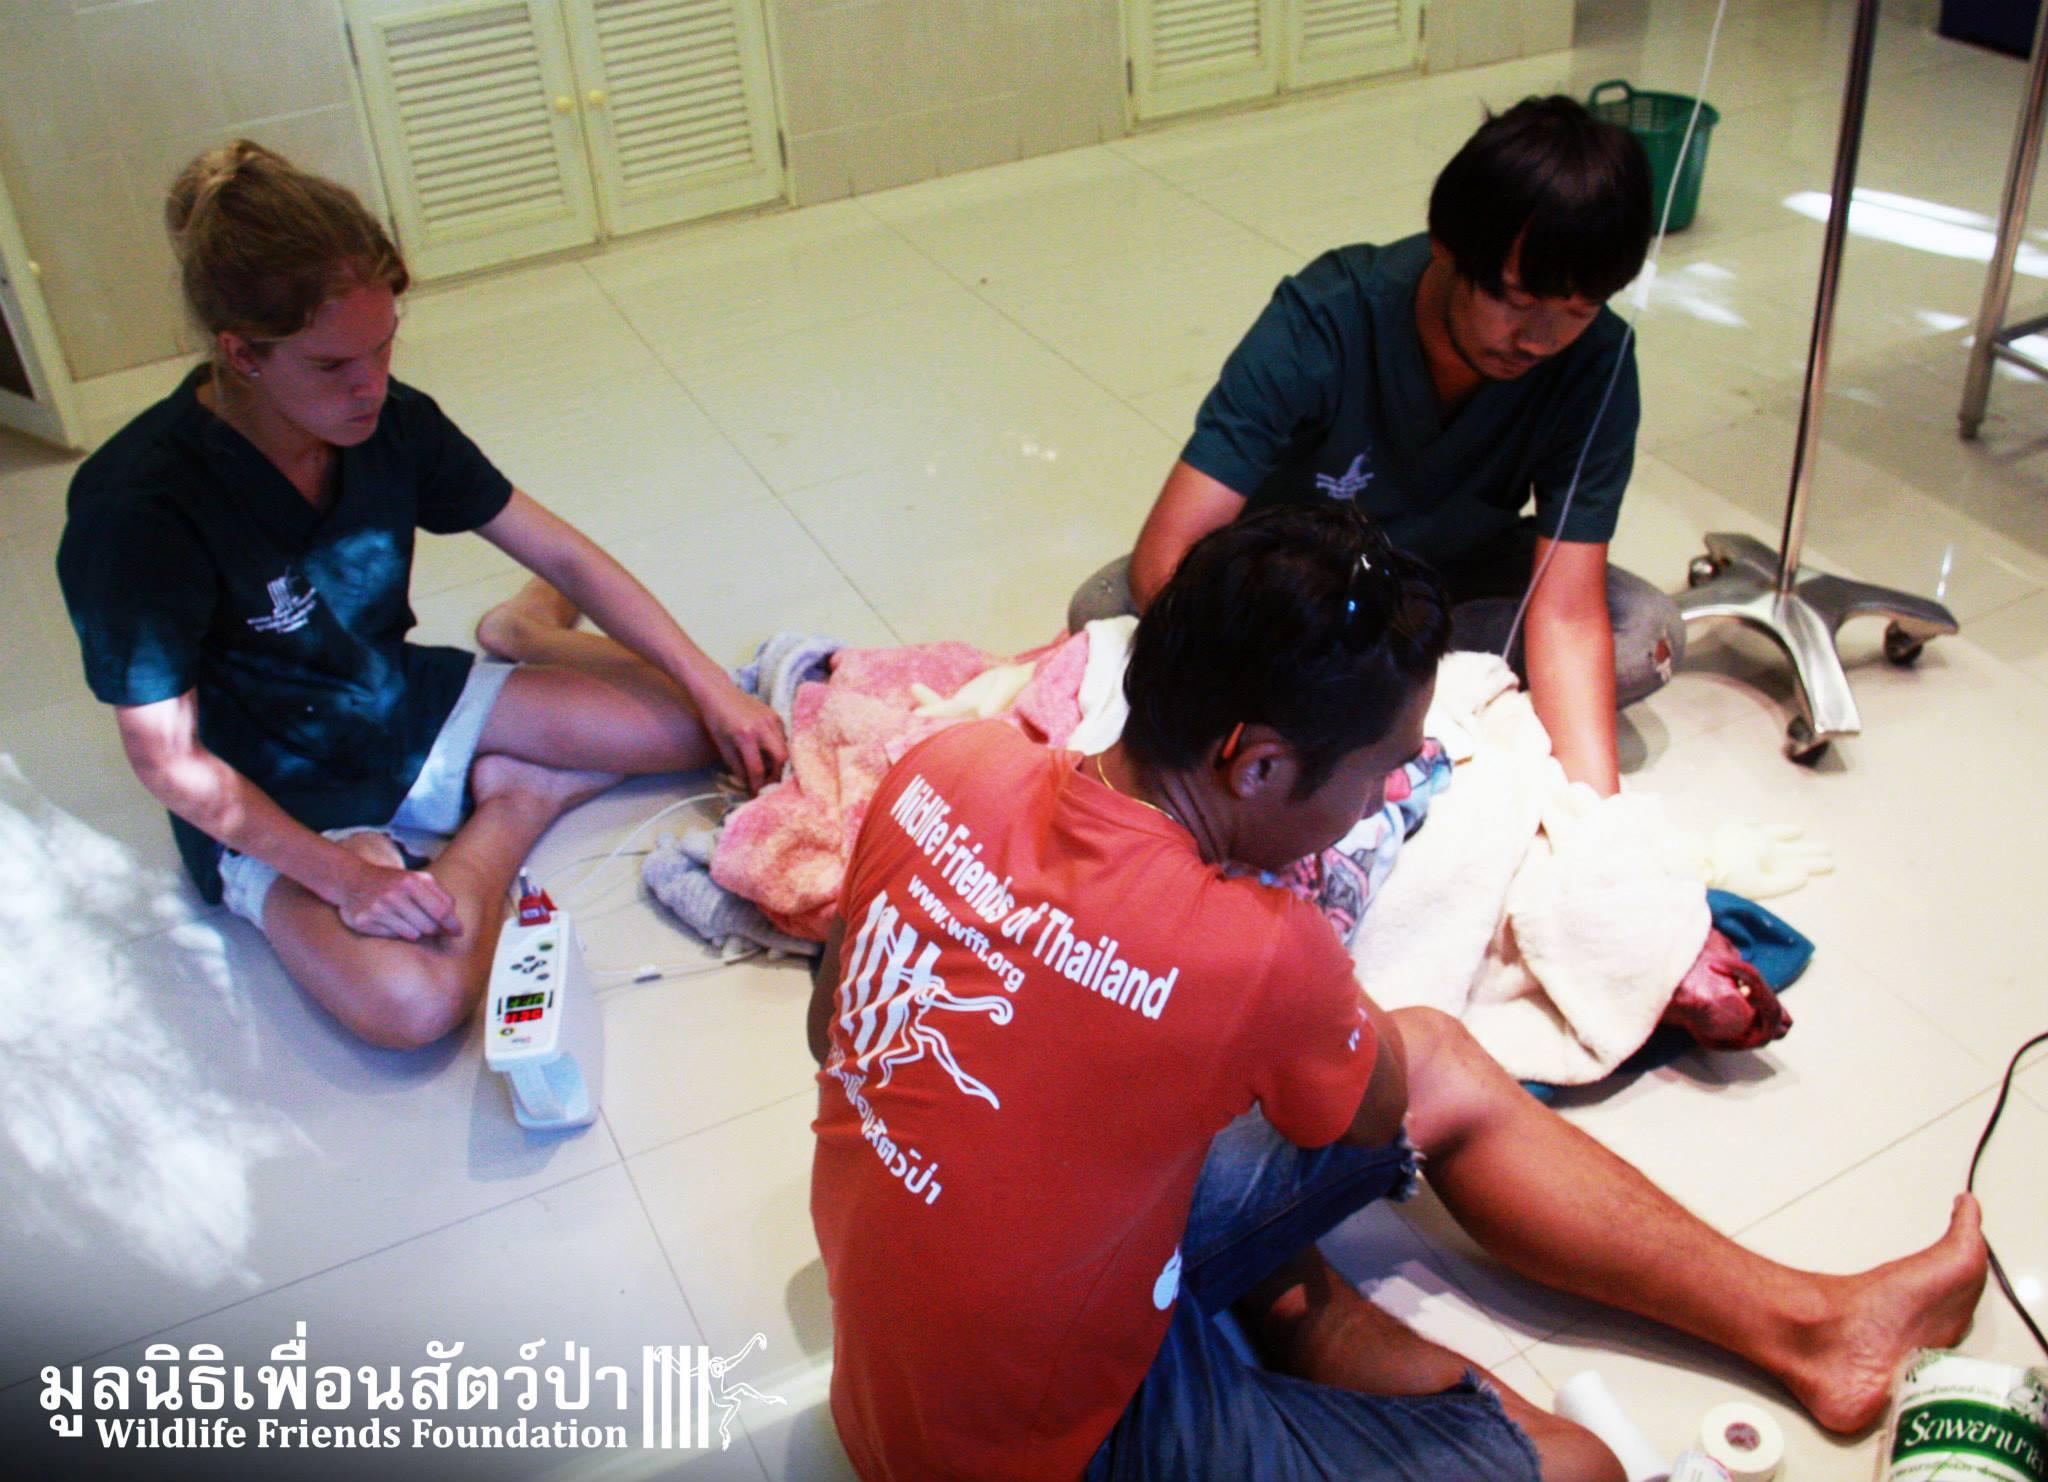 I volontari mentre prestano le prime cure a Kwan (fonte: Facebook.com)